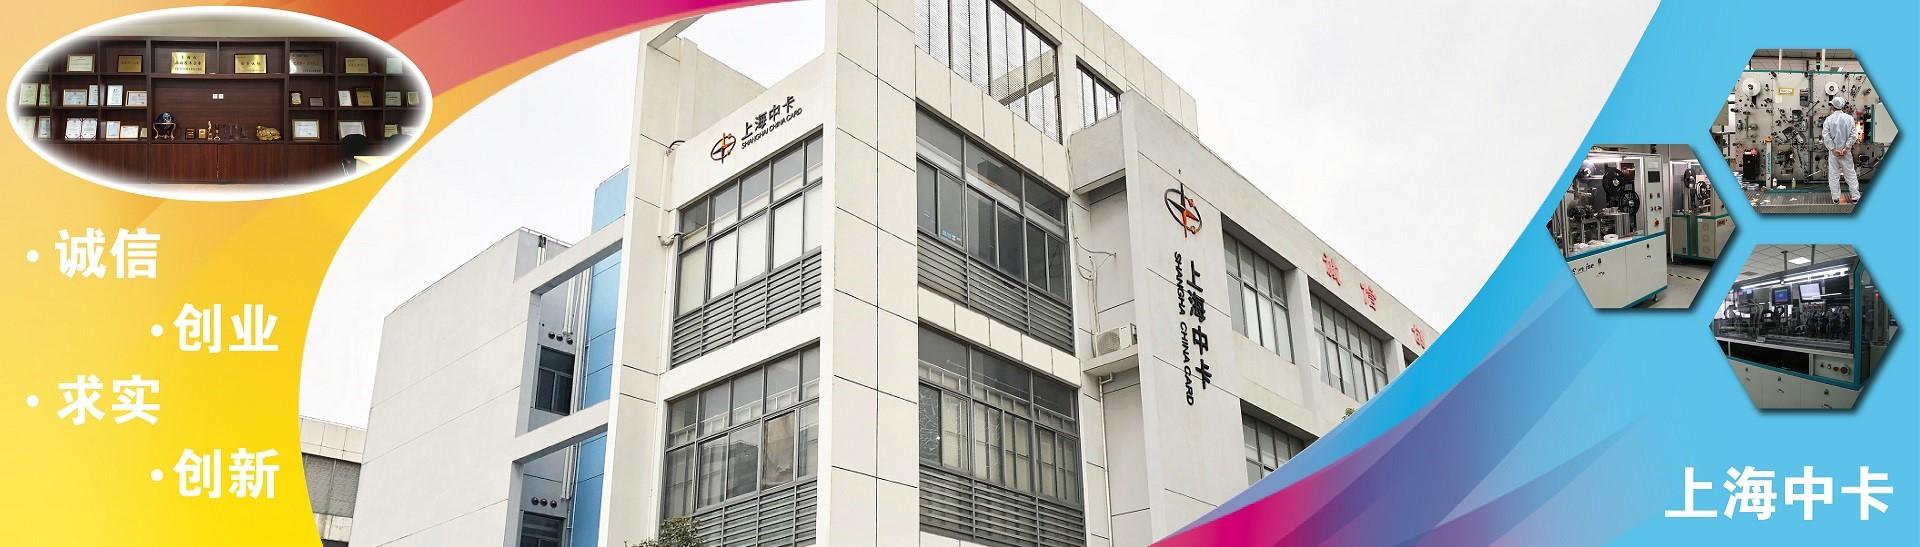 华东领先的智能卡和RFID综合制造商